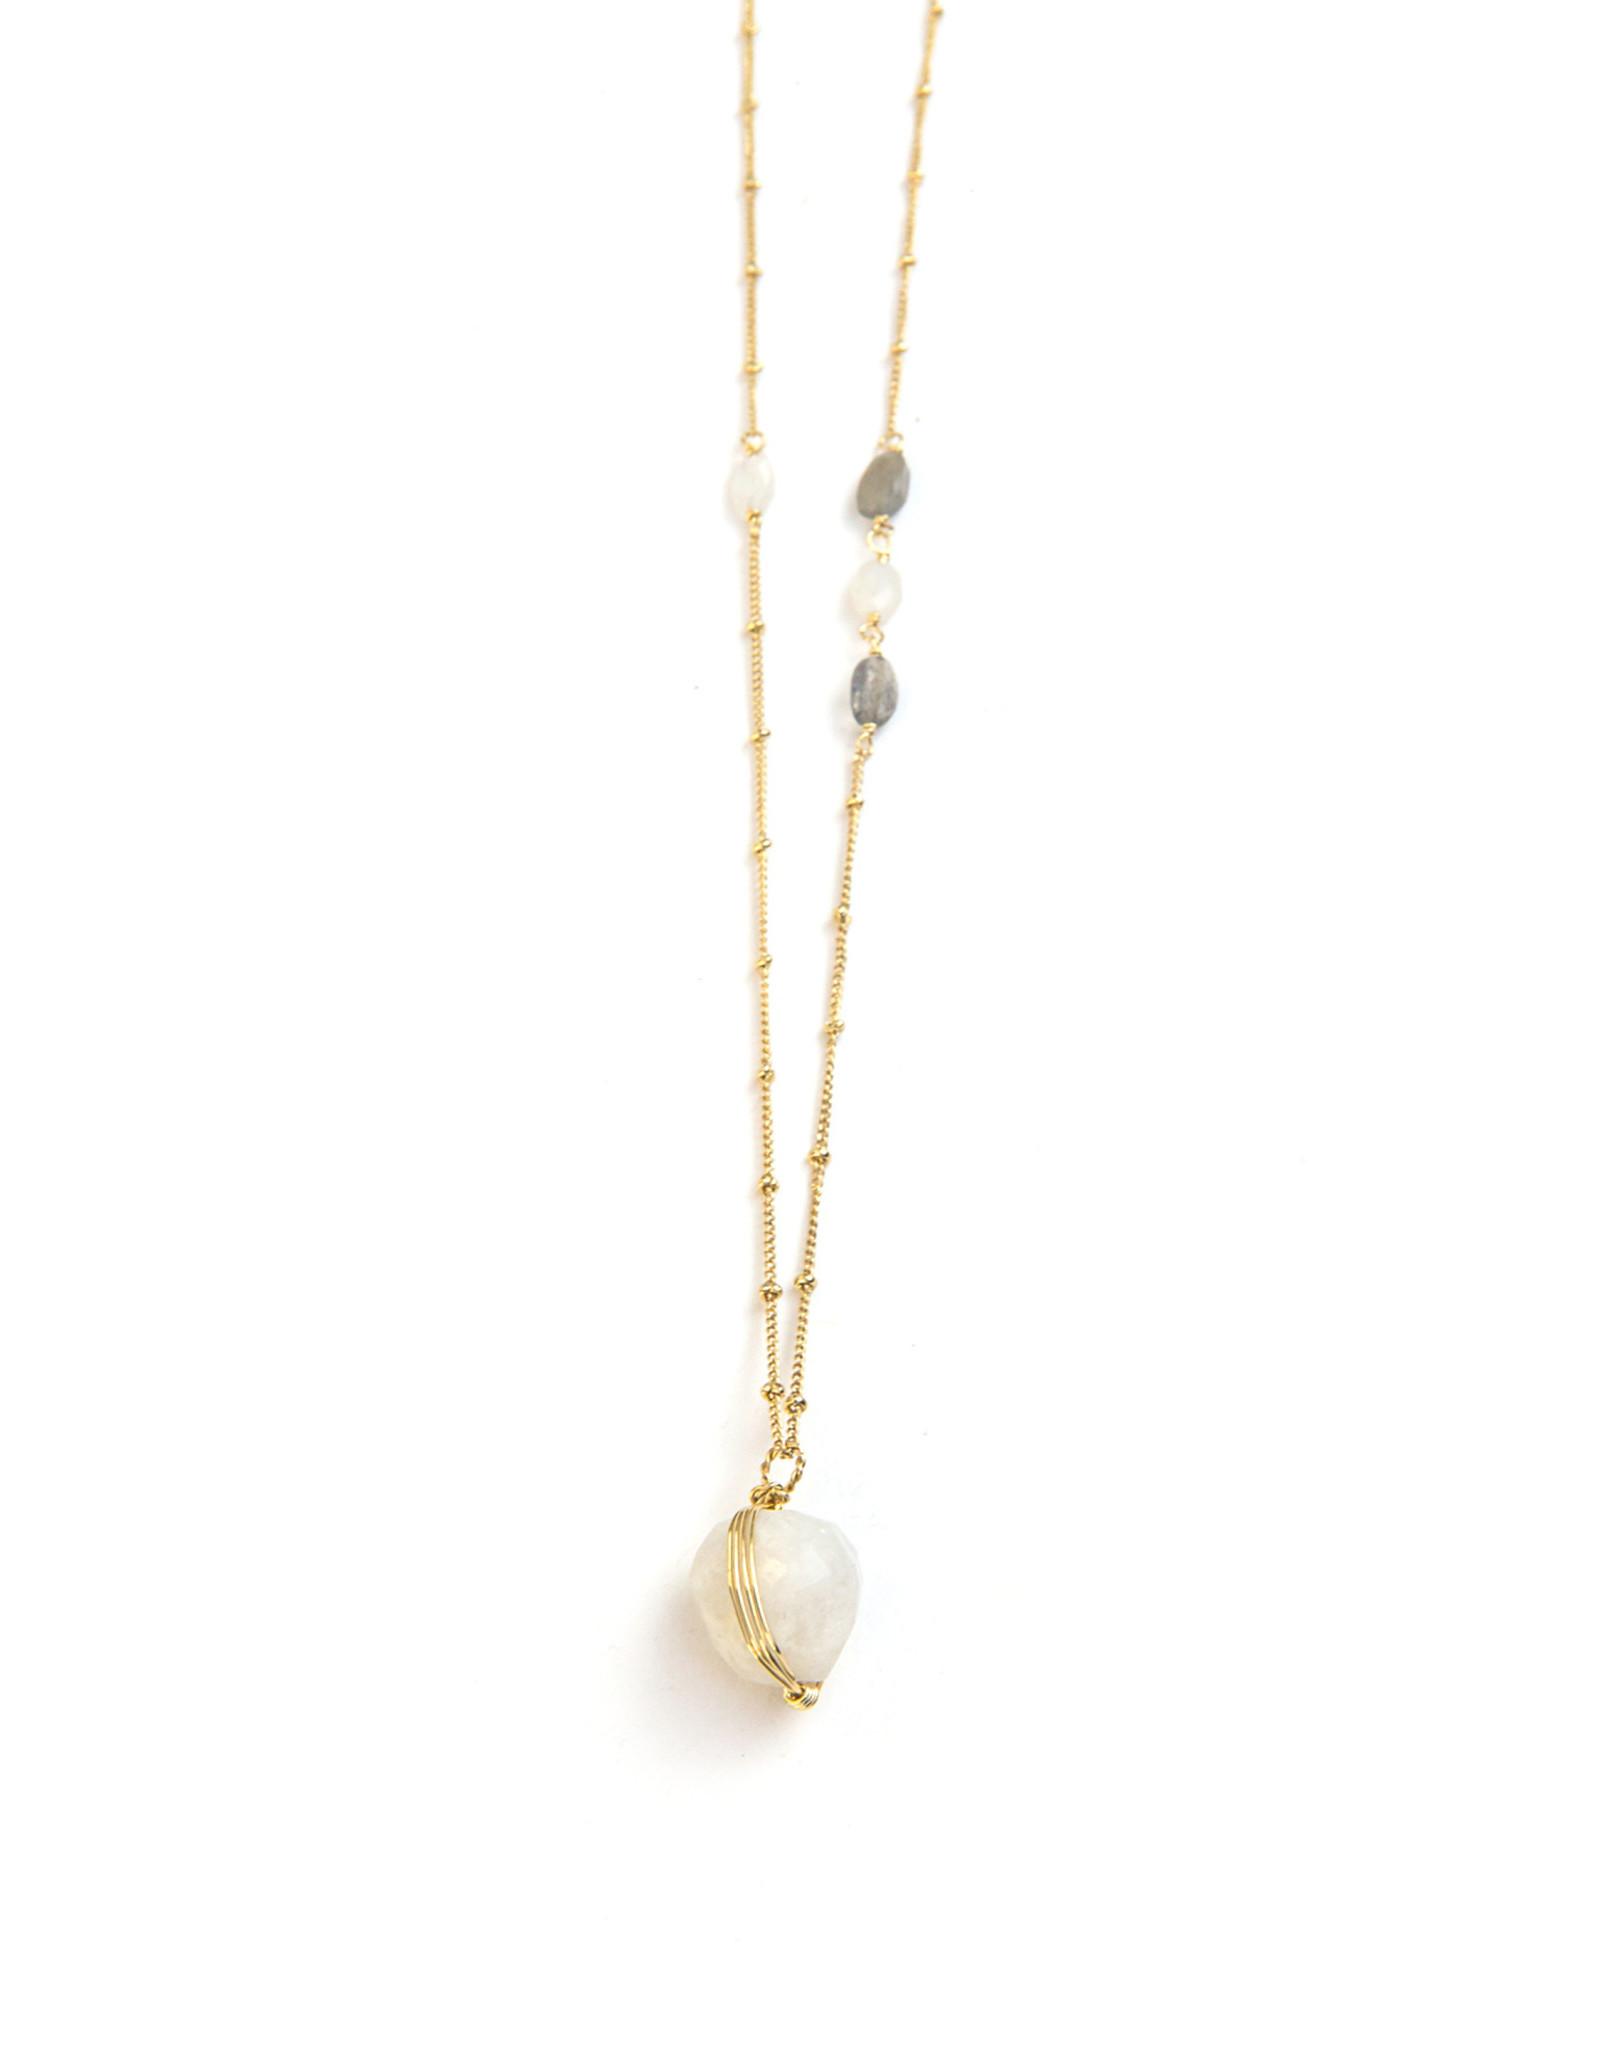 Moonstone & Labradorite Necklace